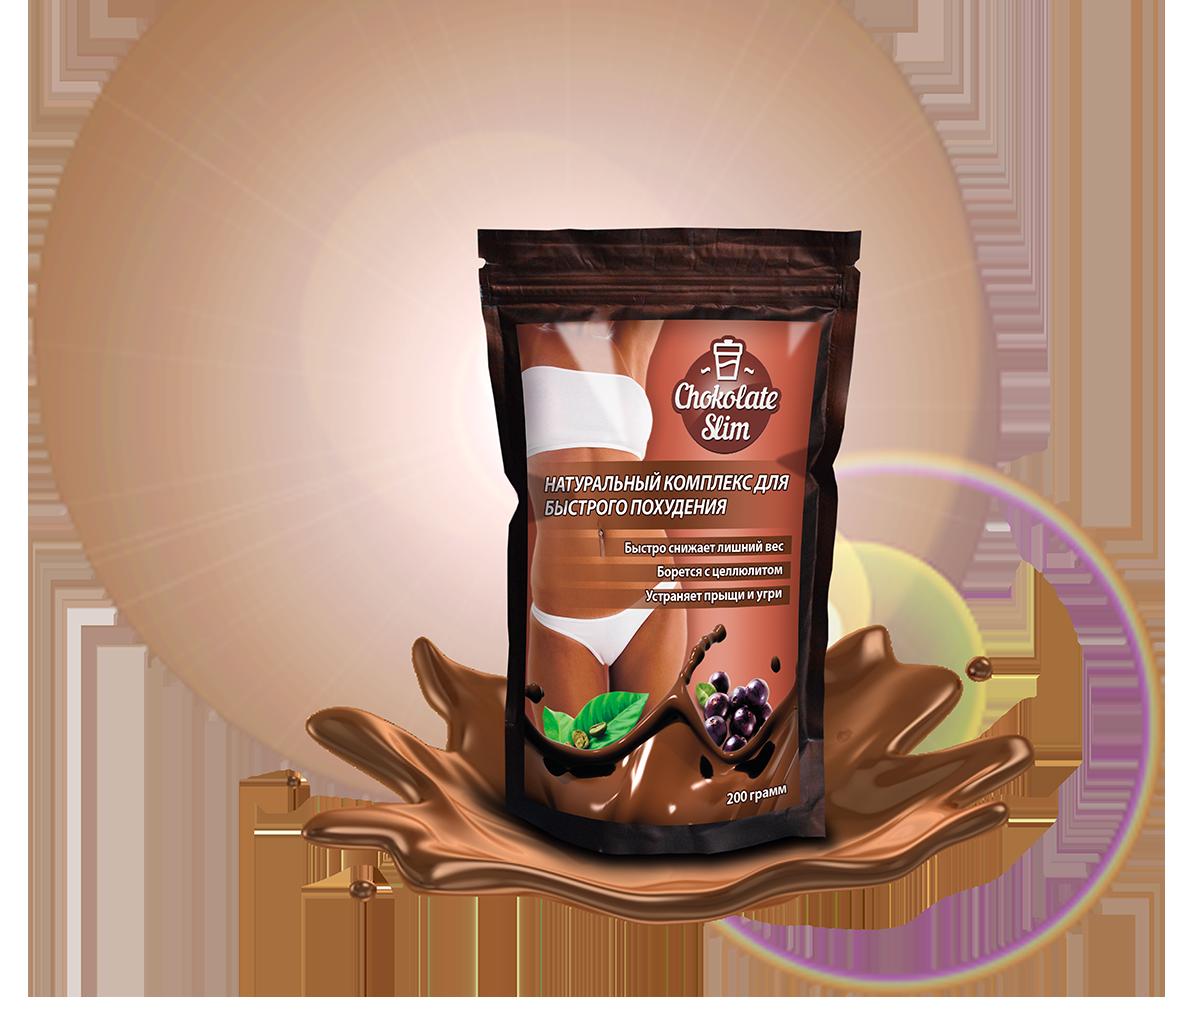 Chocolate Slim шоколад для похудения во Львове